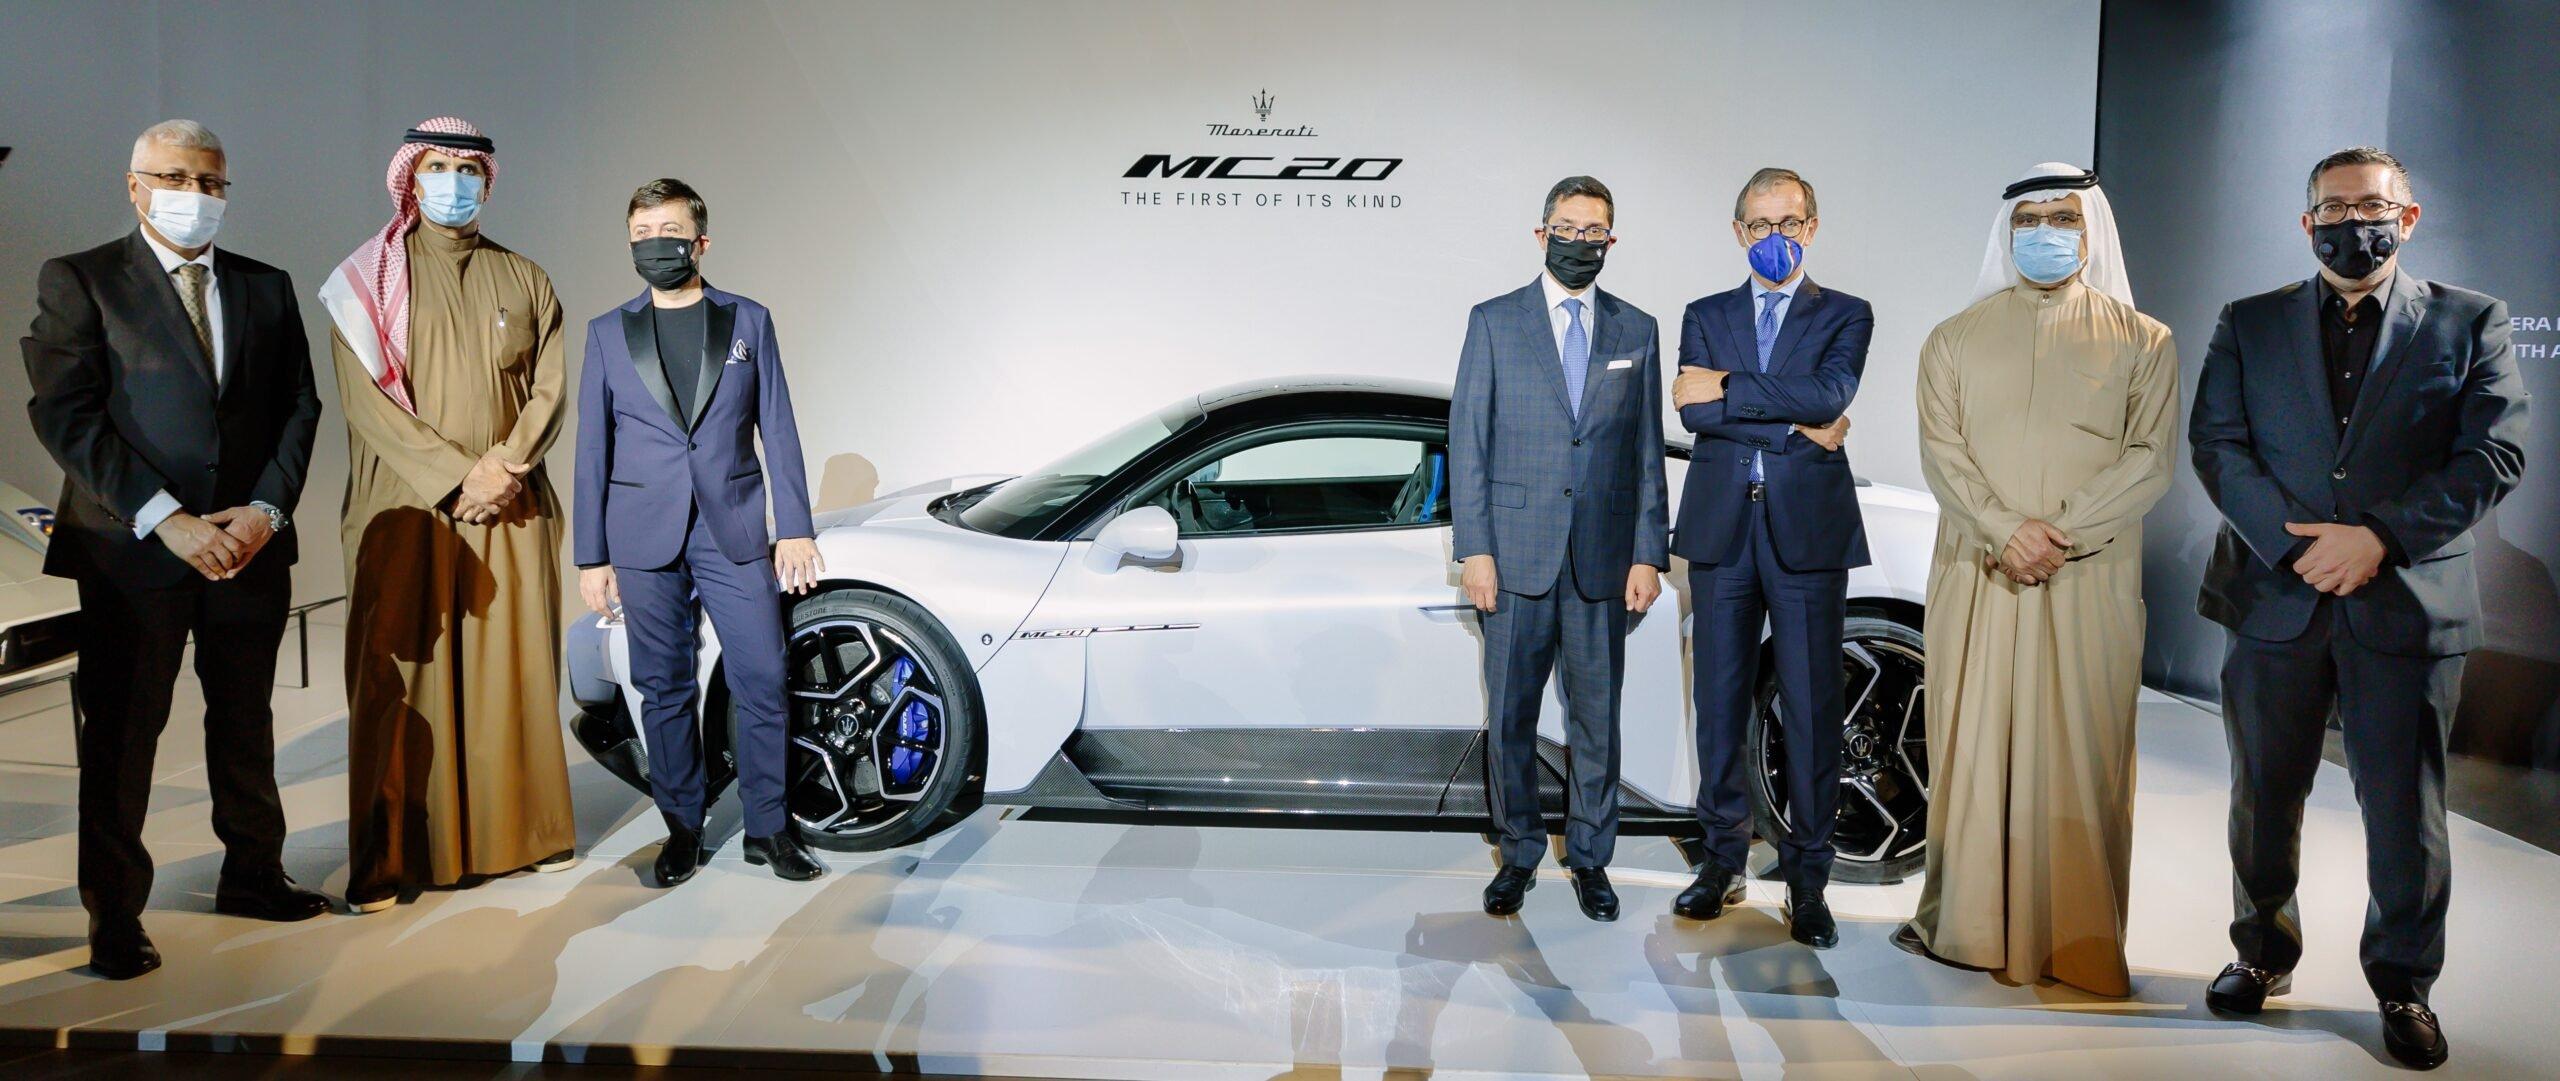 MC20 Maserati